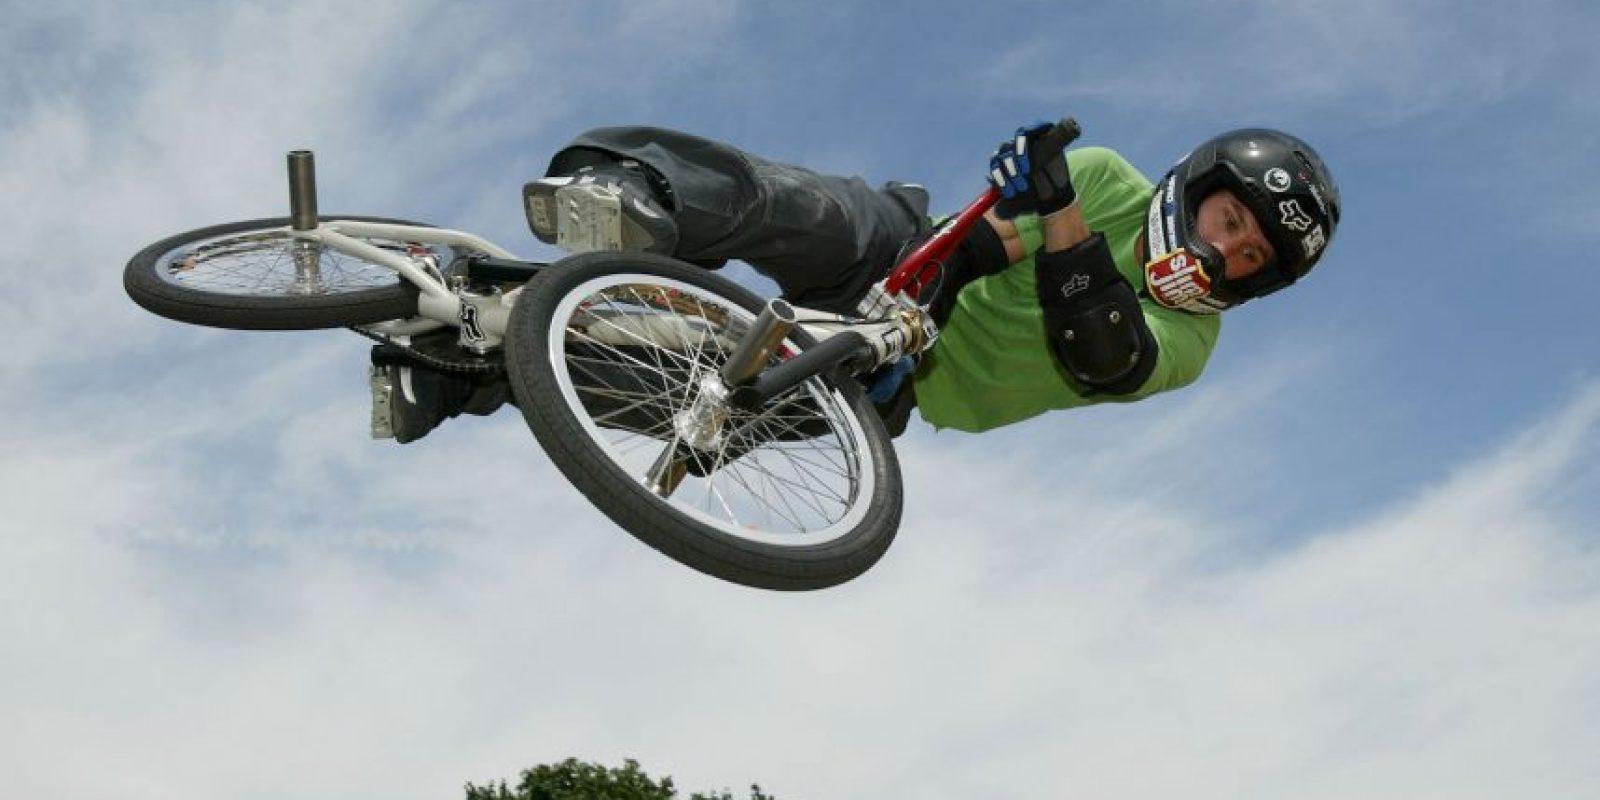 La leyenda del BMX fue encontrado muerto en su camioneta el pasado 6 de febrero con una herida de bala, que aparentemente se hizo él mismo. Foto:Getty Images